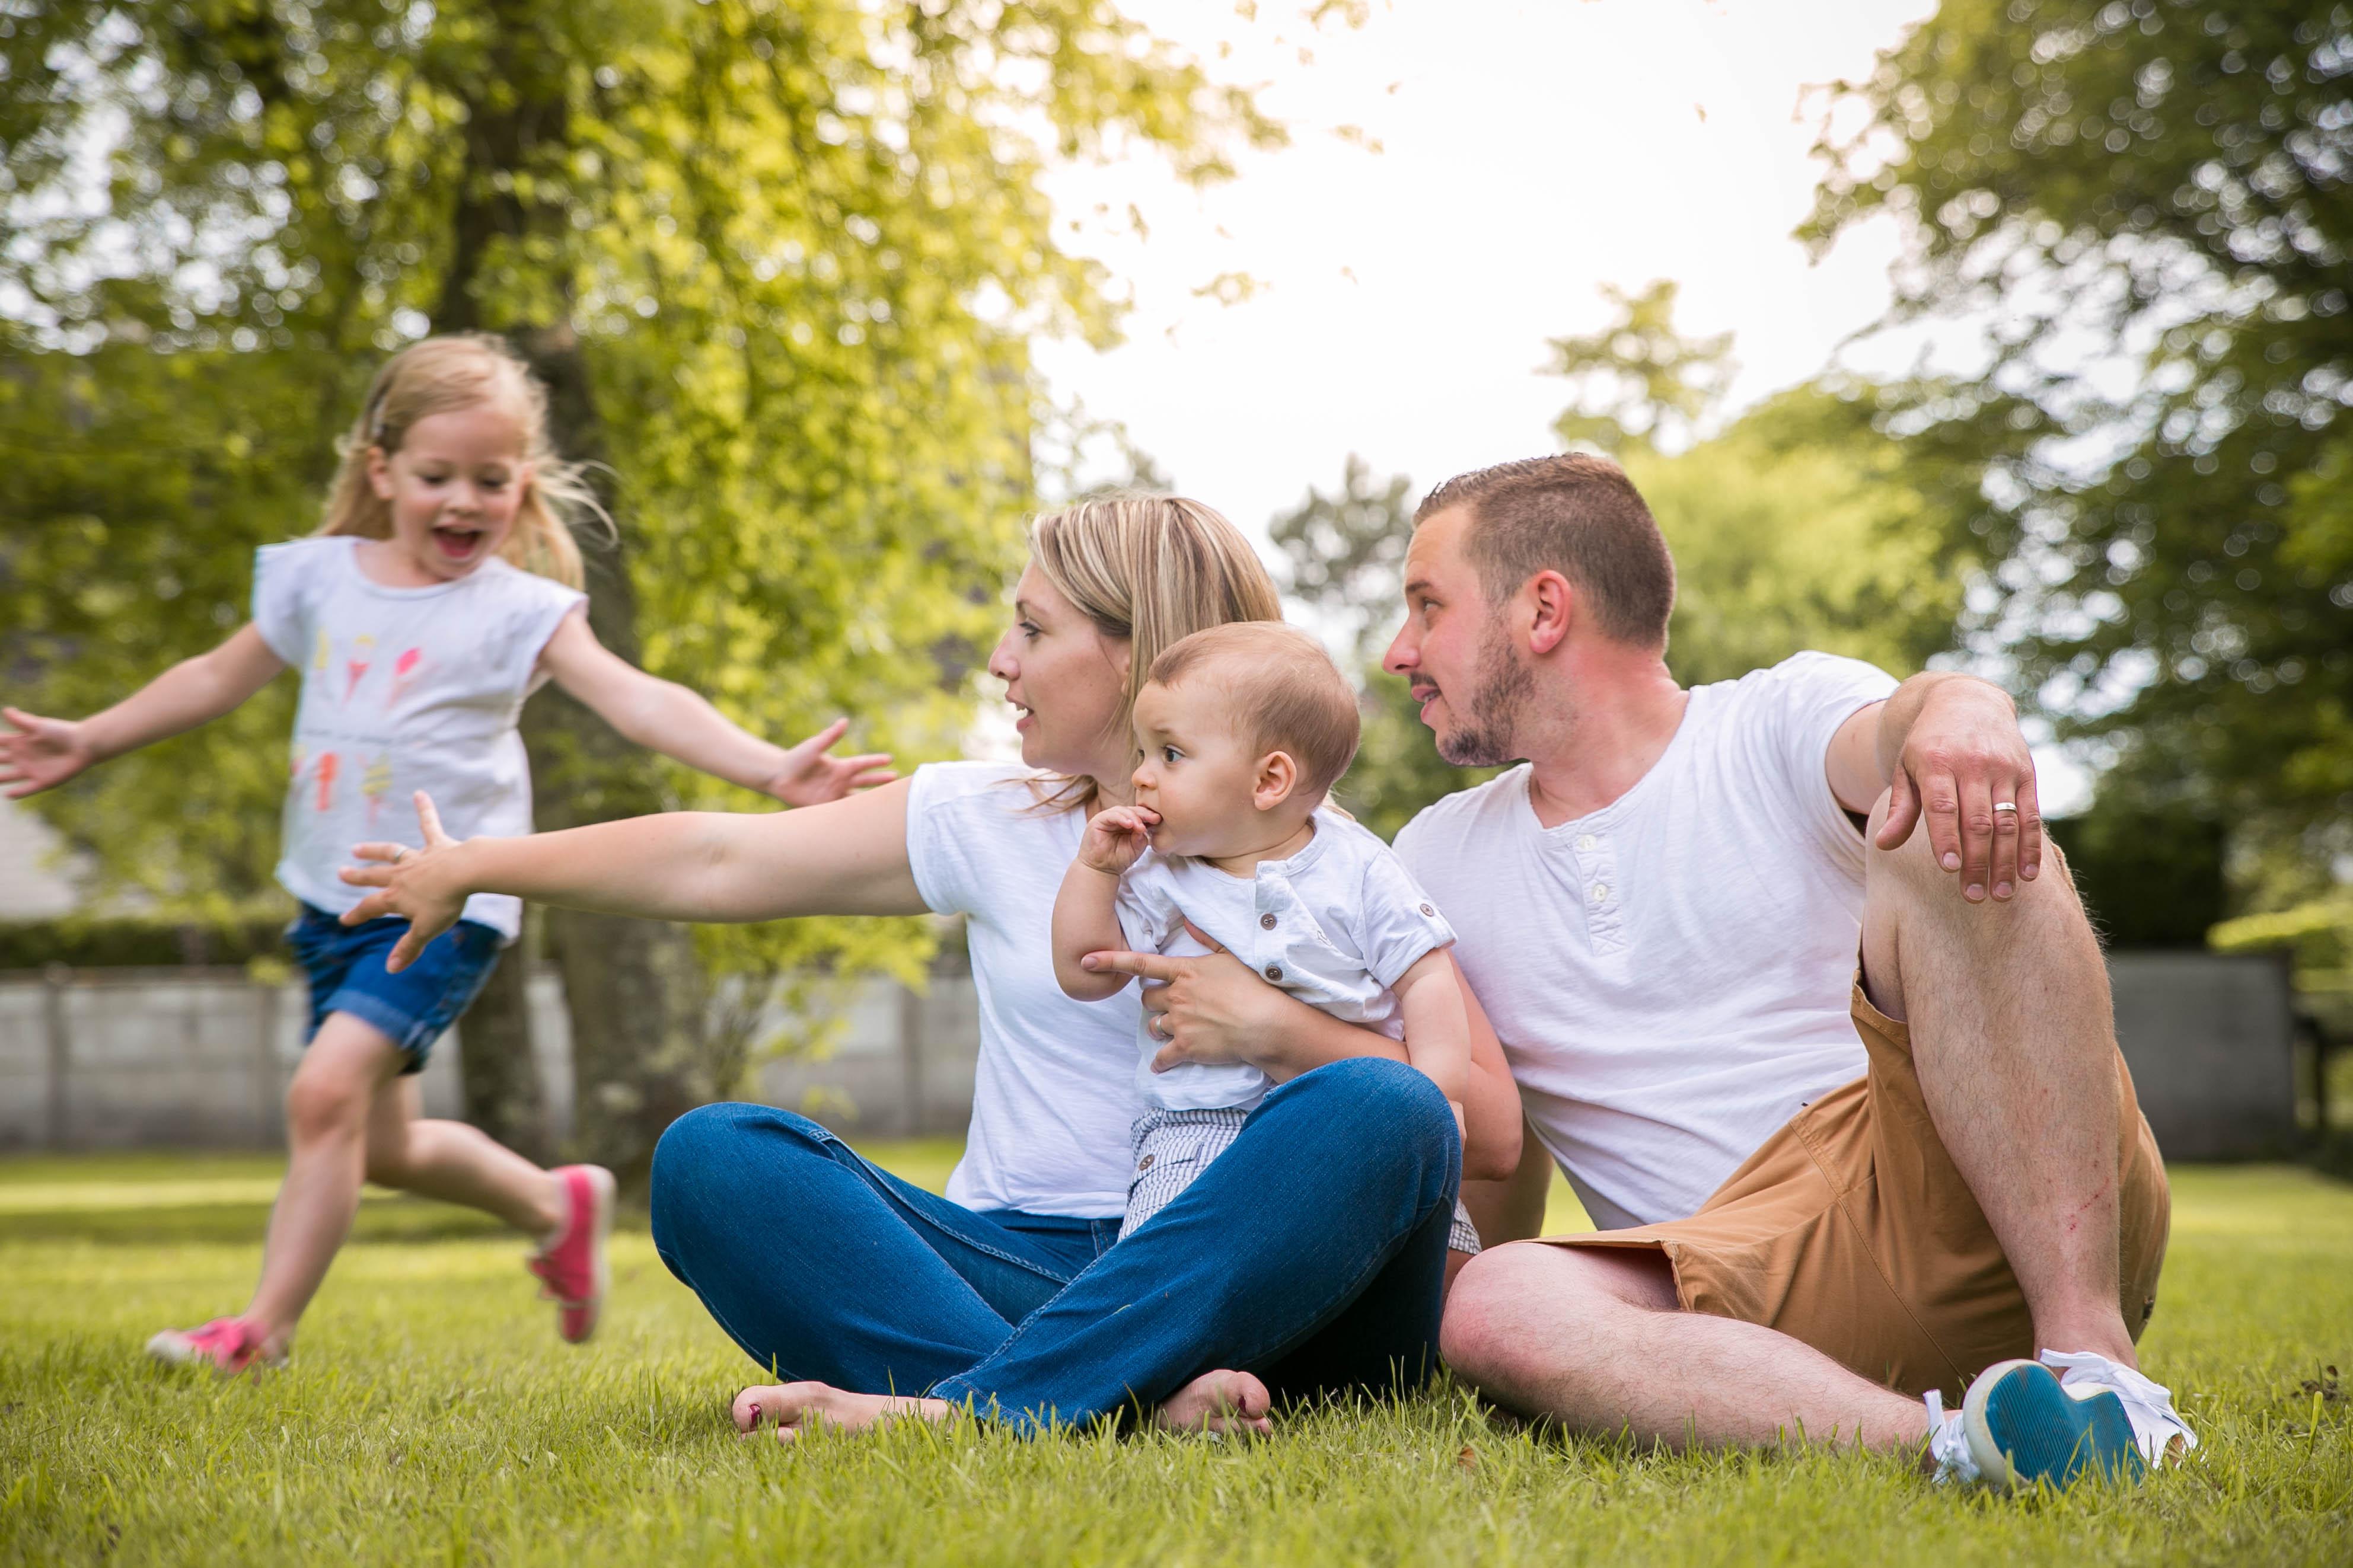 Séance-photo-famille-lifestyle-en-extérieur